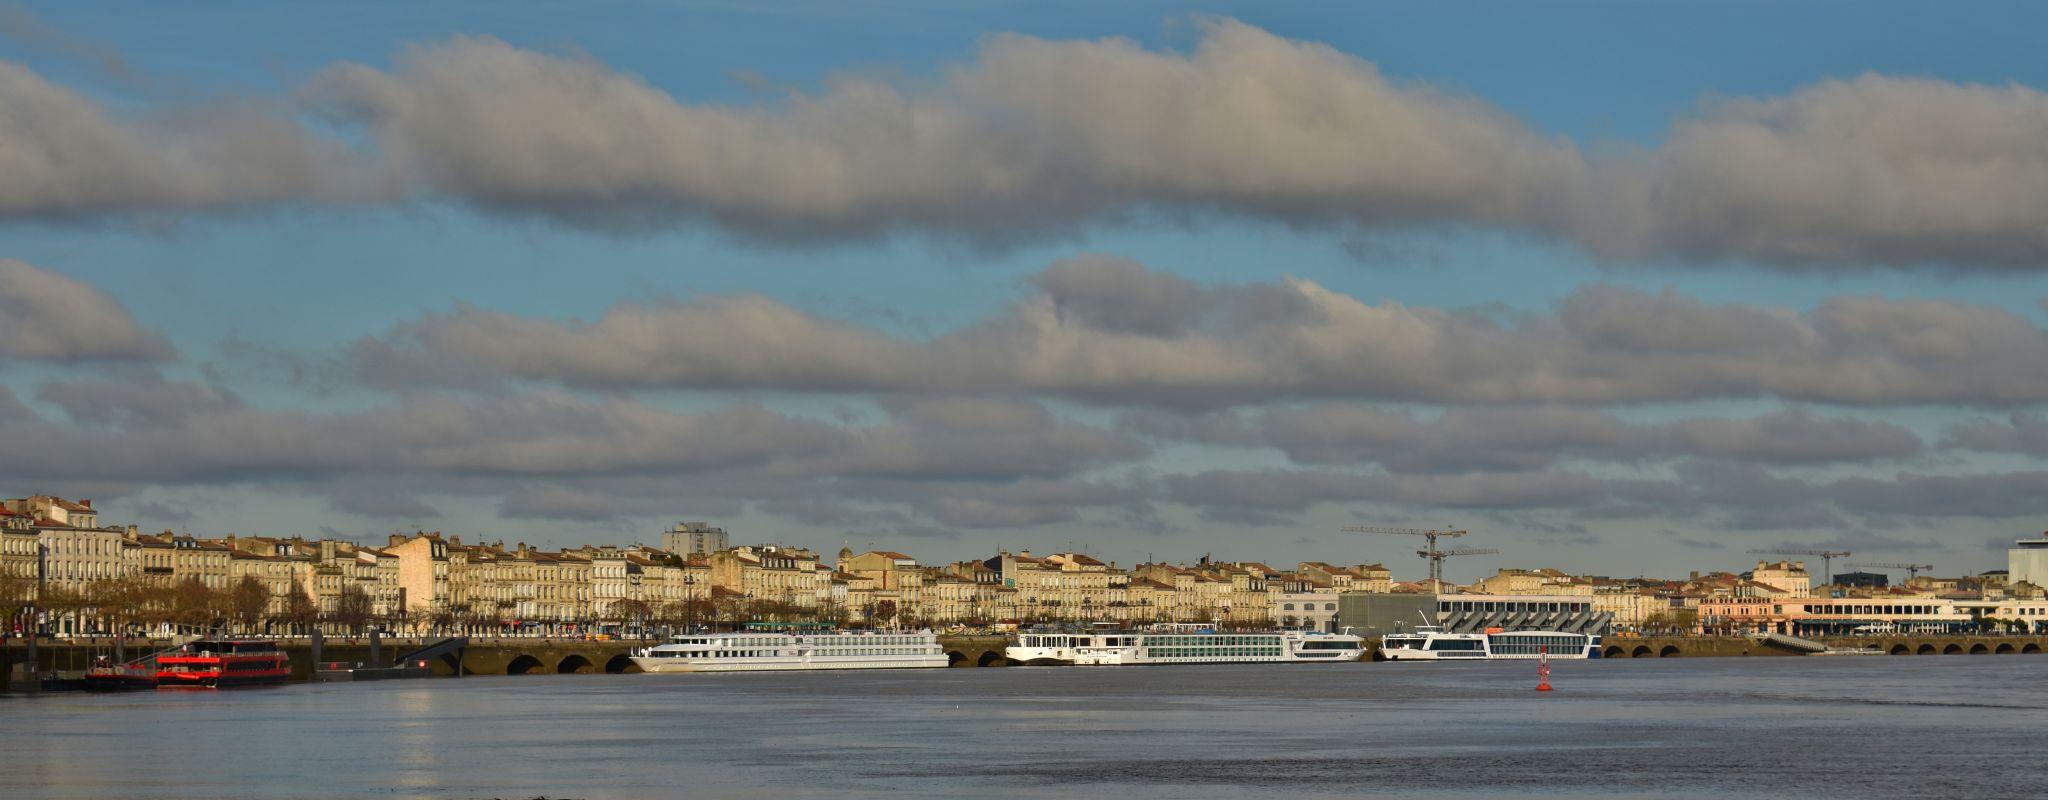 Bordeaux from bridge, France